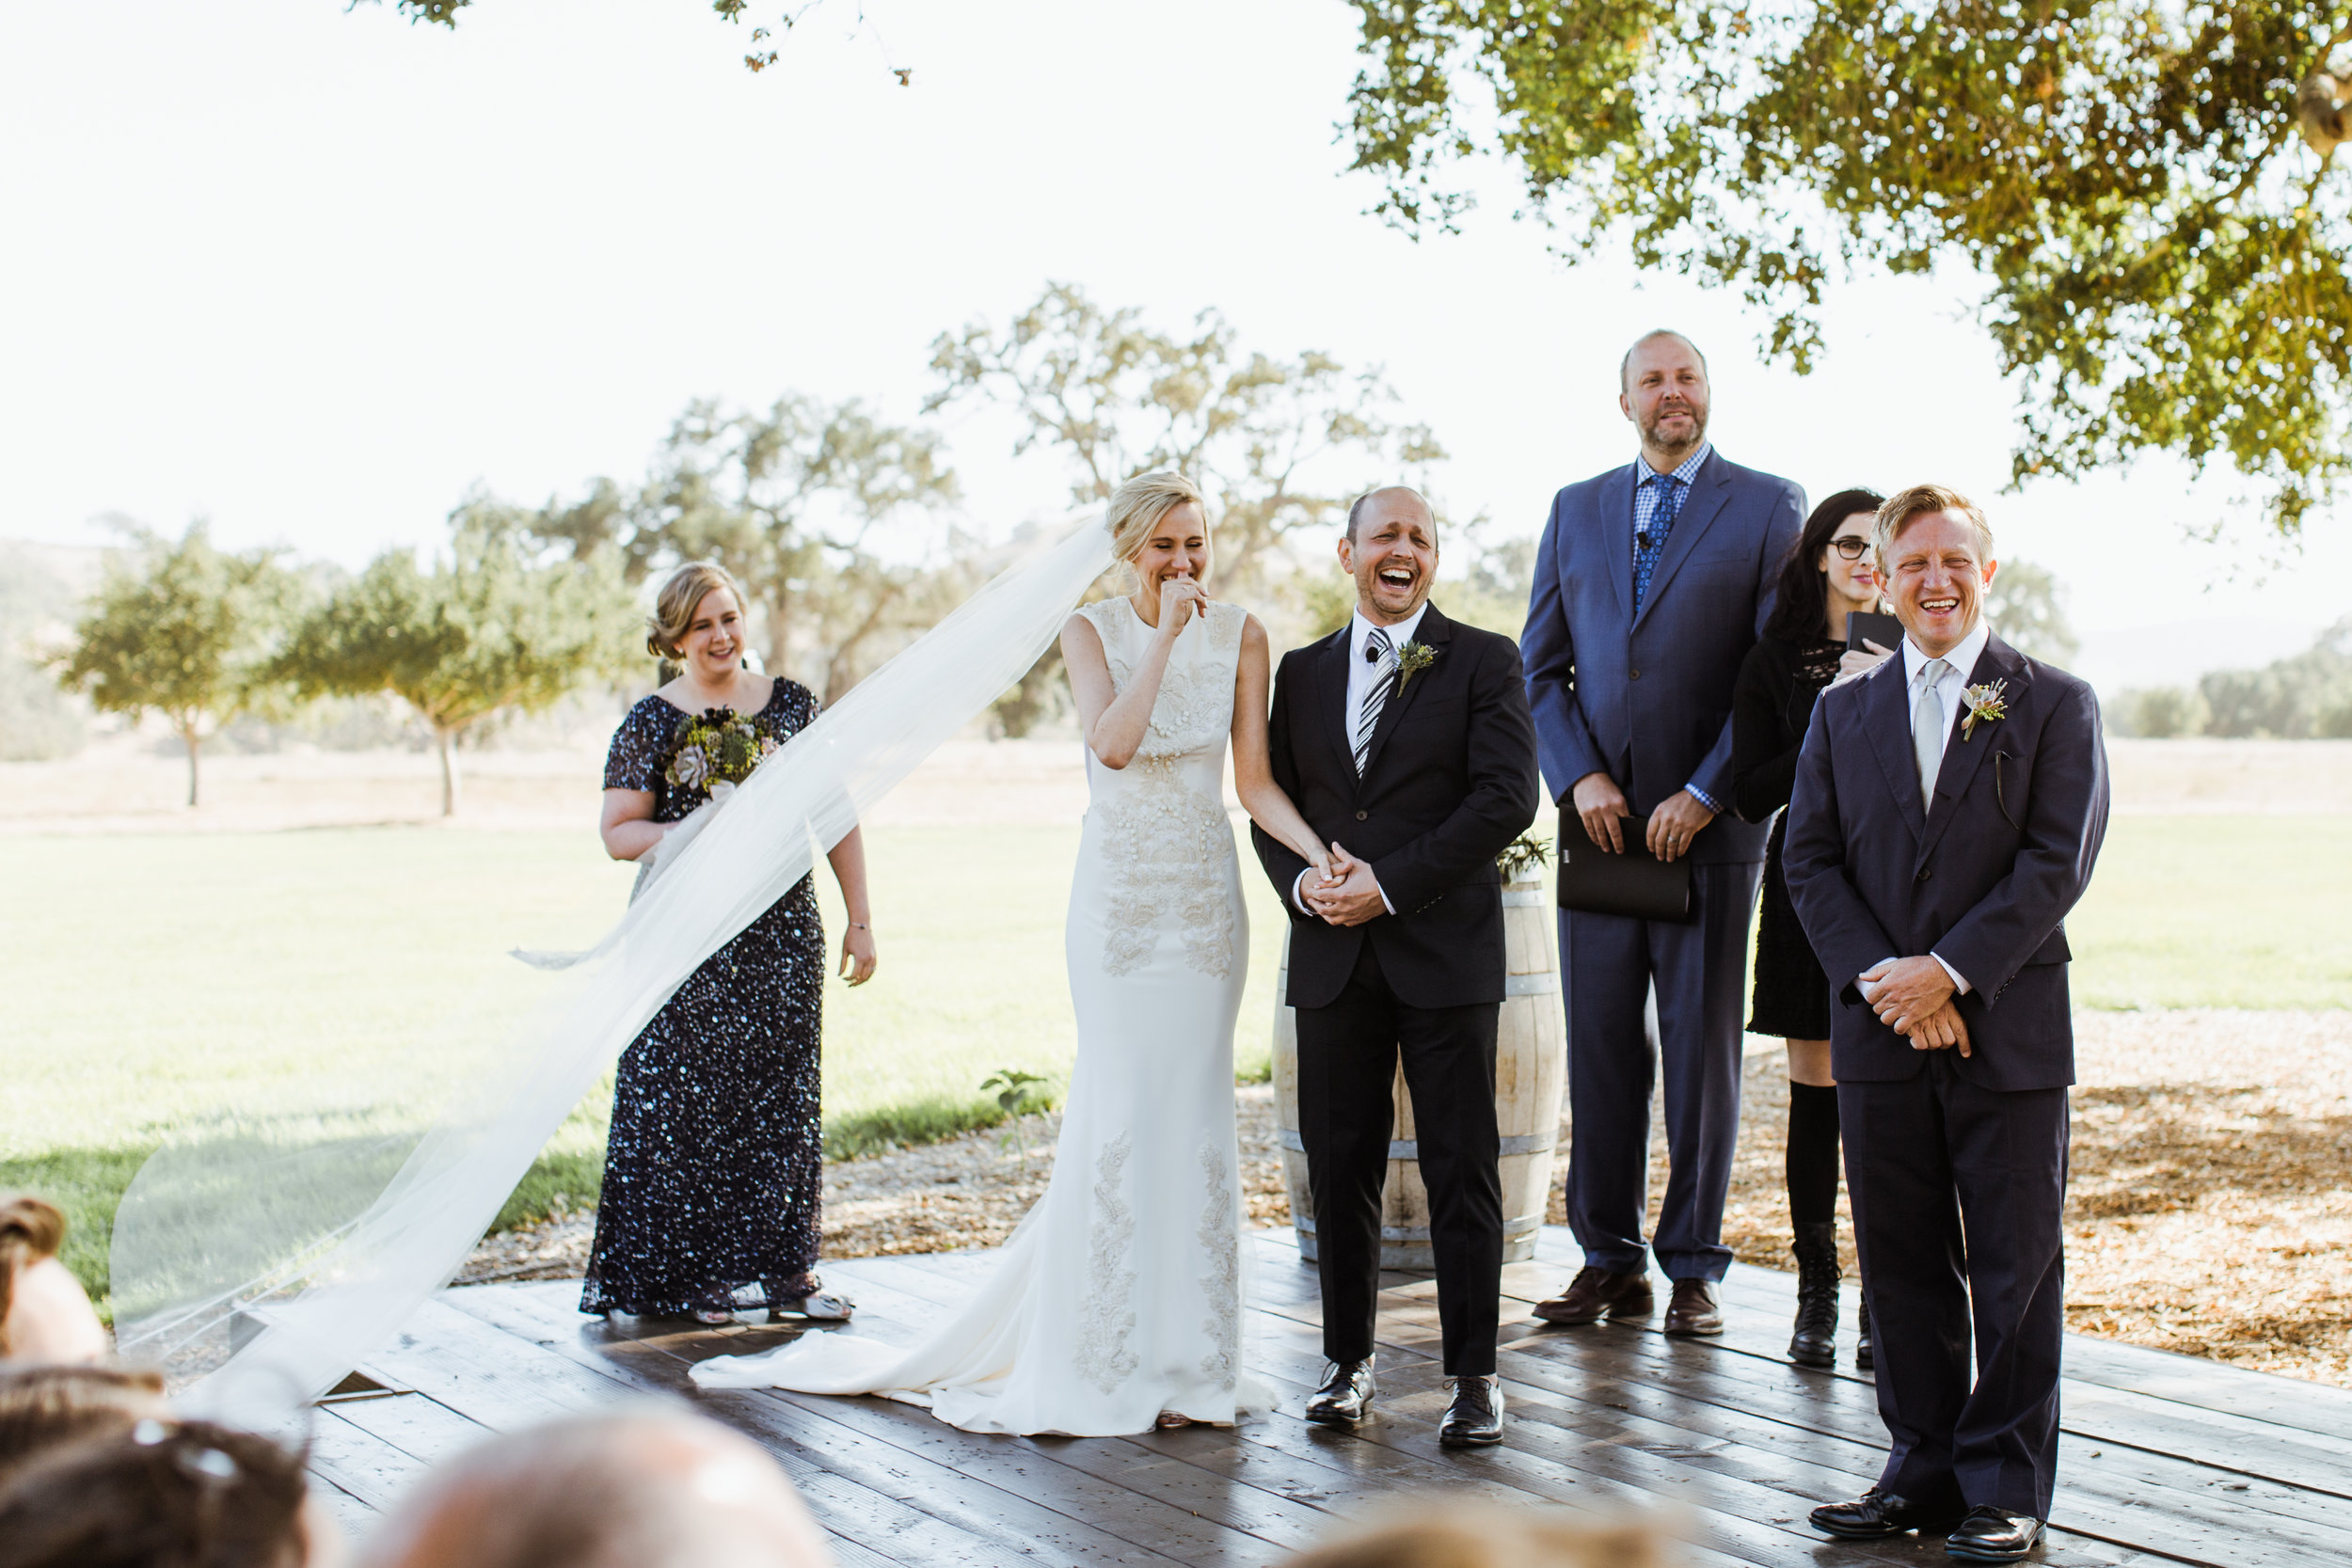 Los Angeles Wedding